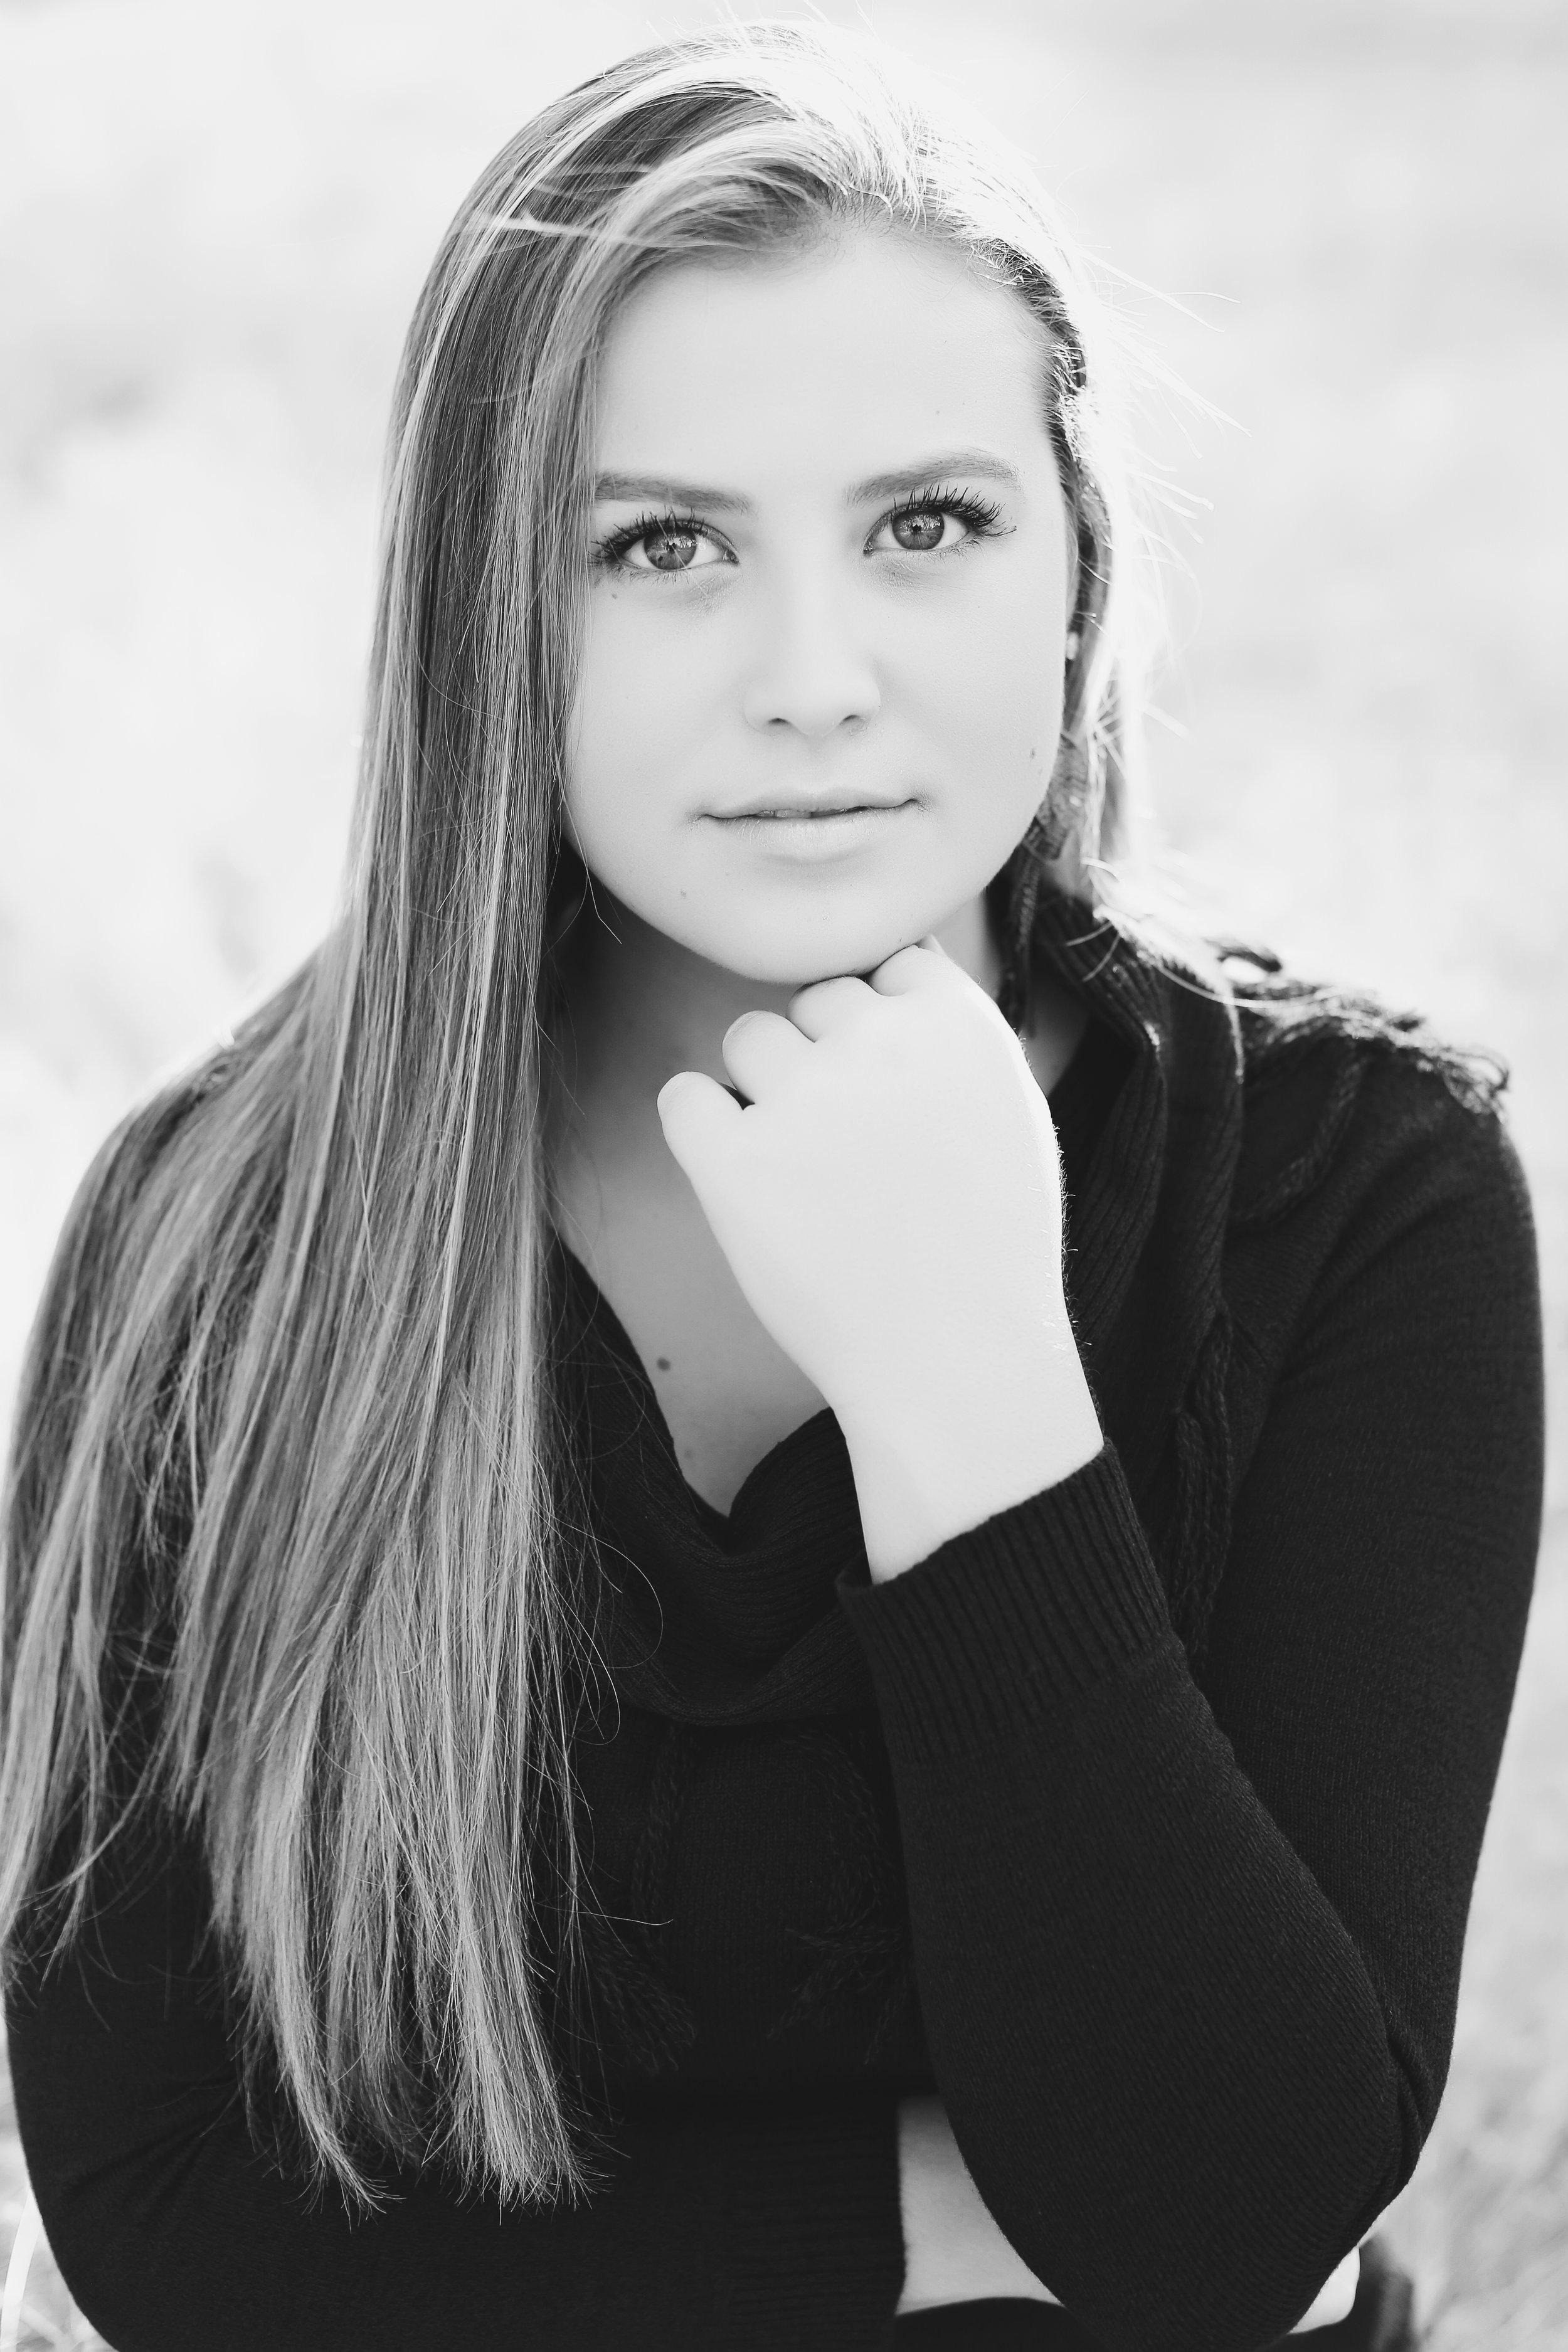 Kristen_Senior-10.jpg